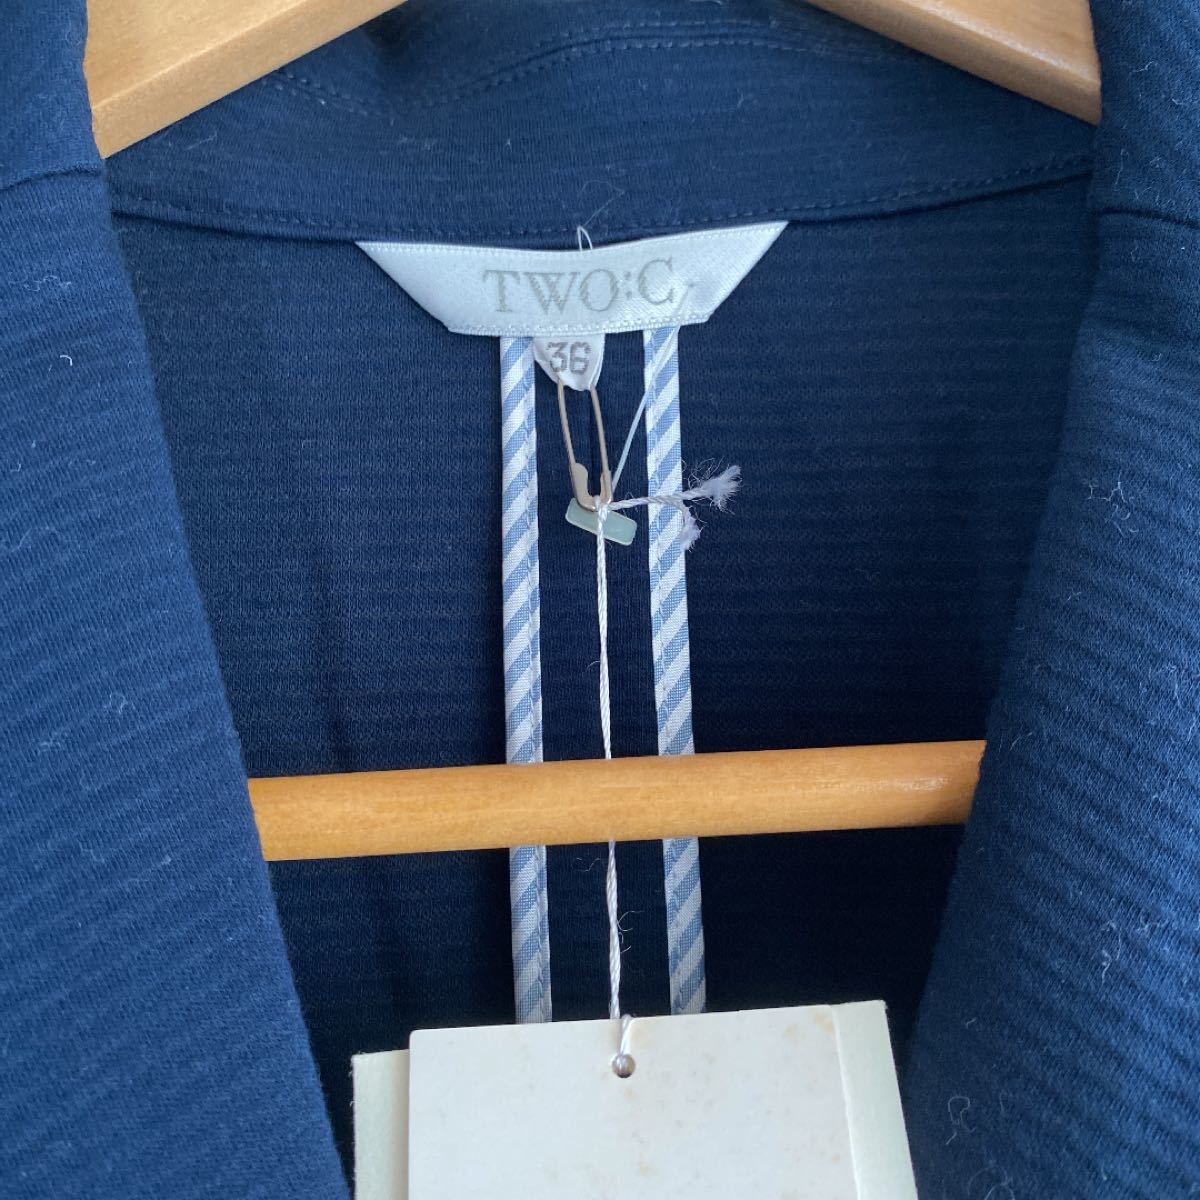 スーツ テーラードジャケット TWO:C      スーツジャケット